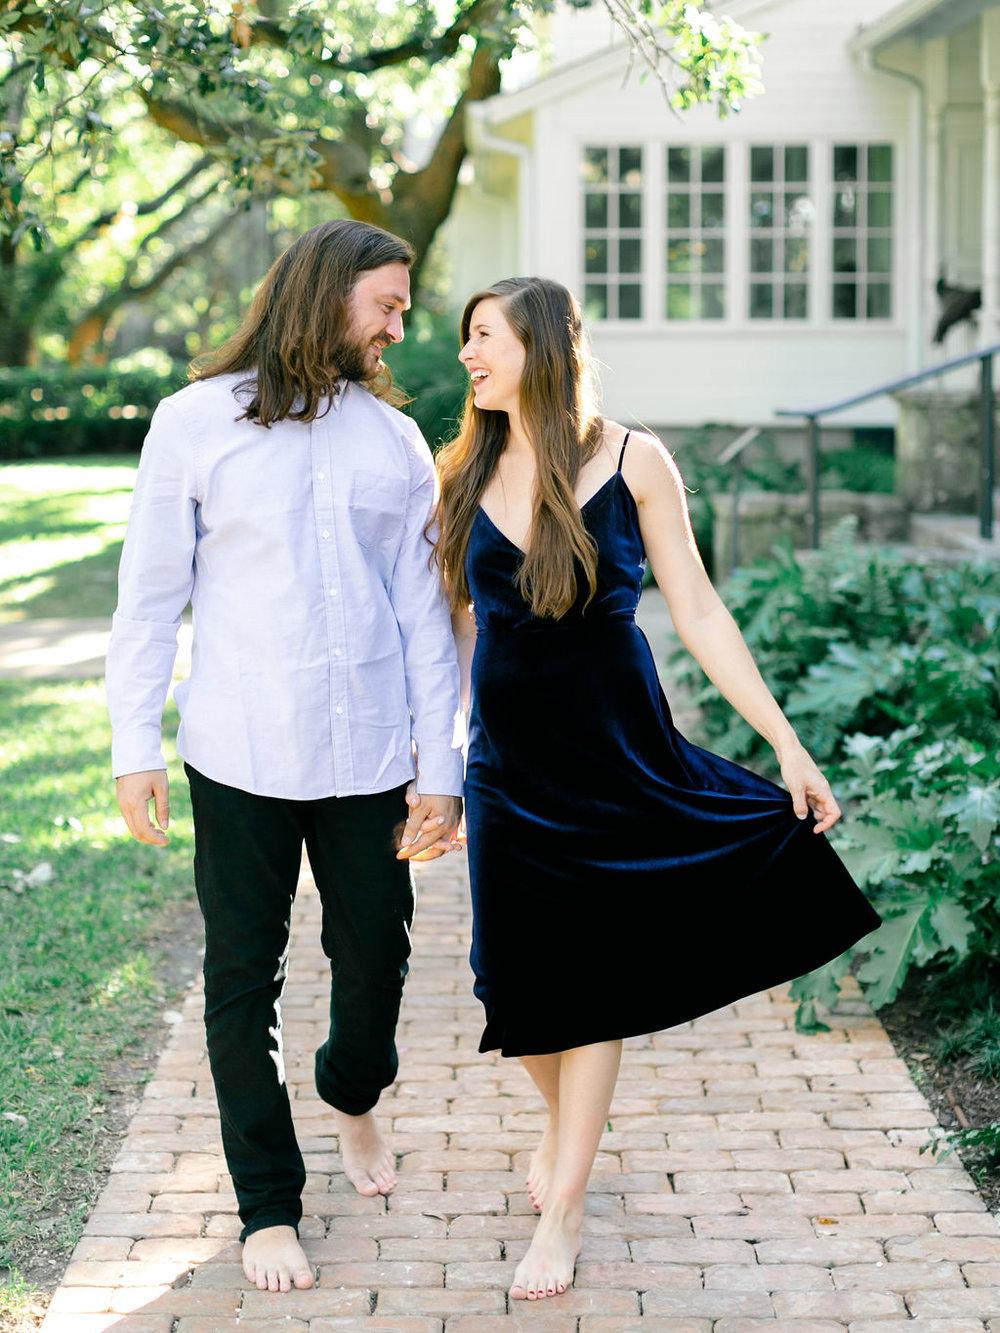 Austin-Film-Wedding-Engagement-Photographer-Mattie's-Green-Pastures-10.jpg